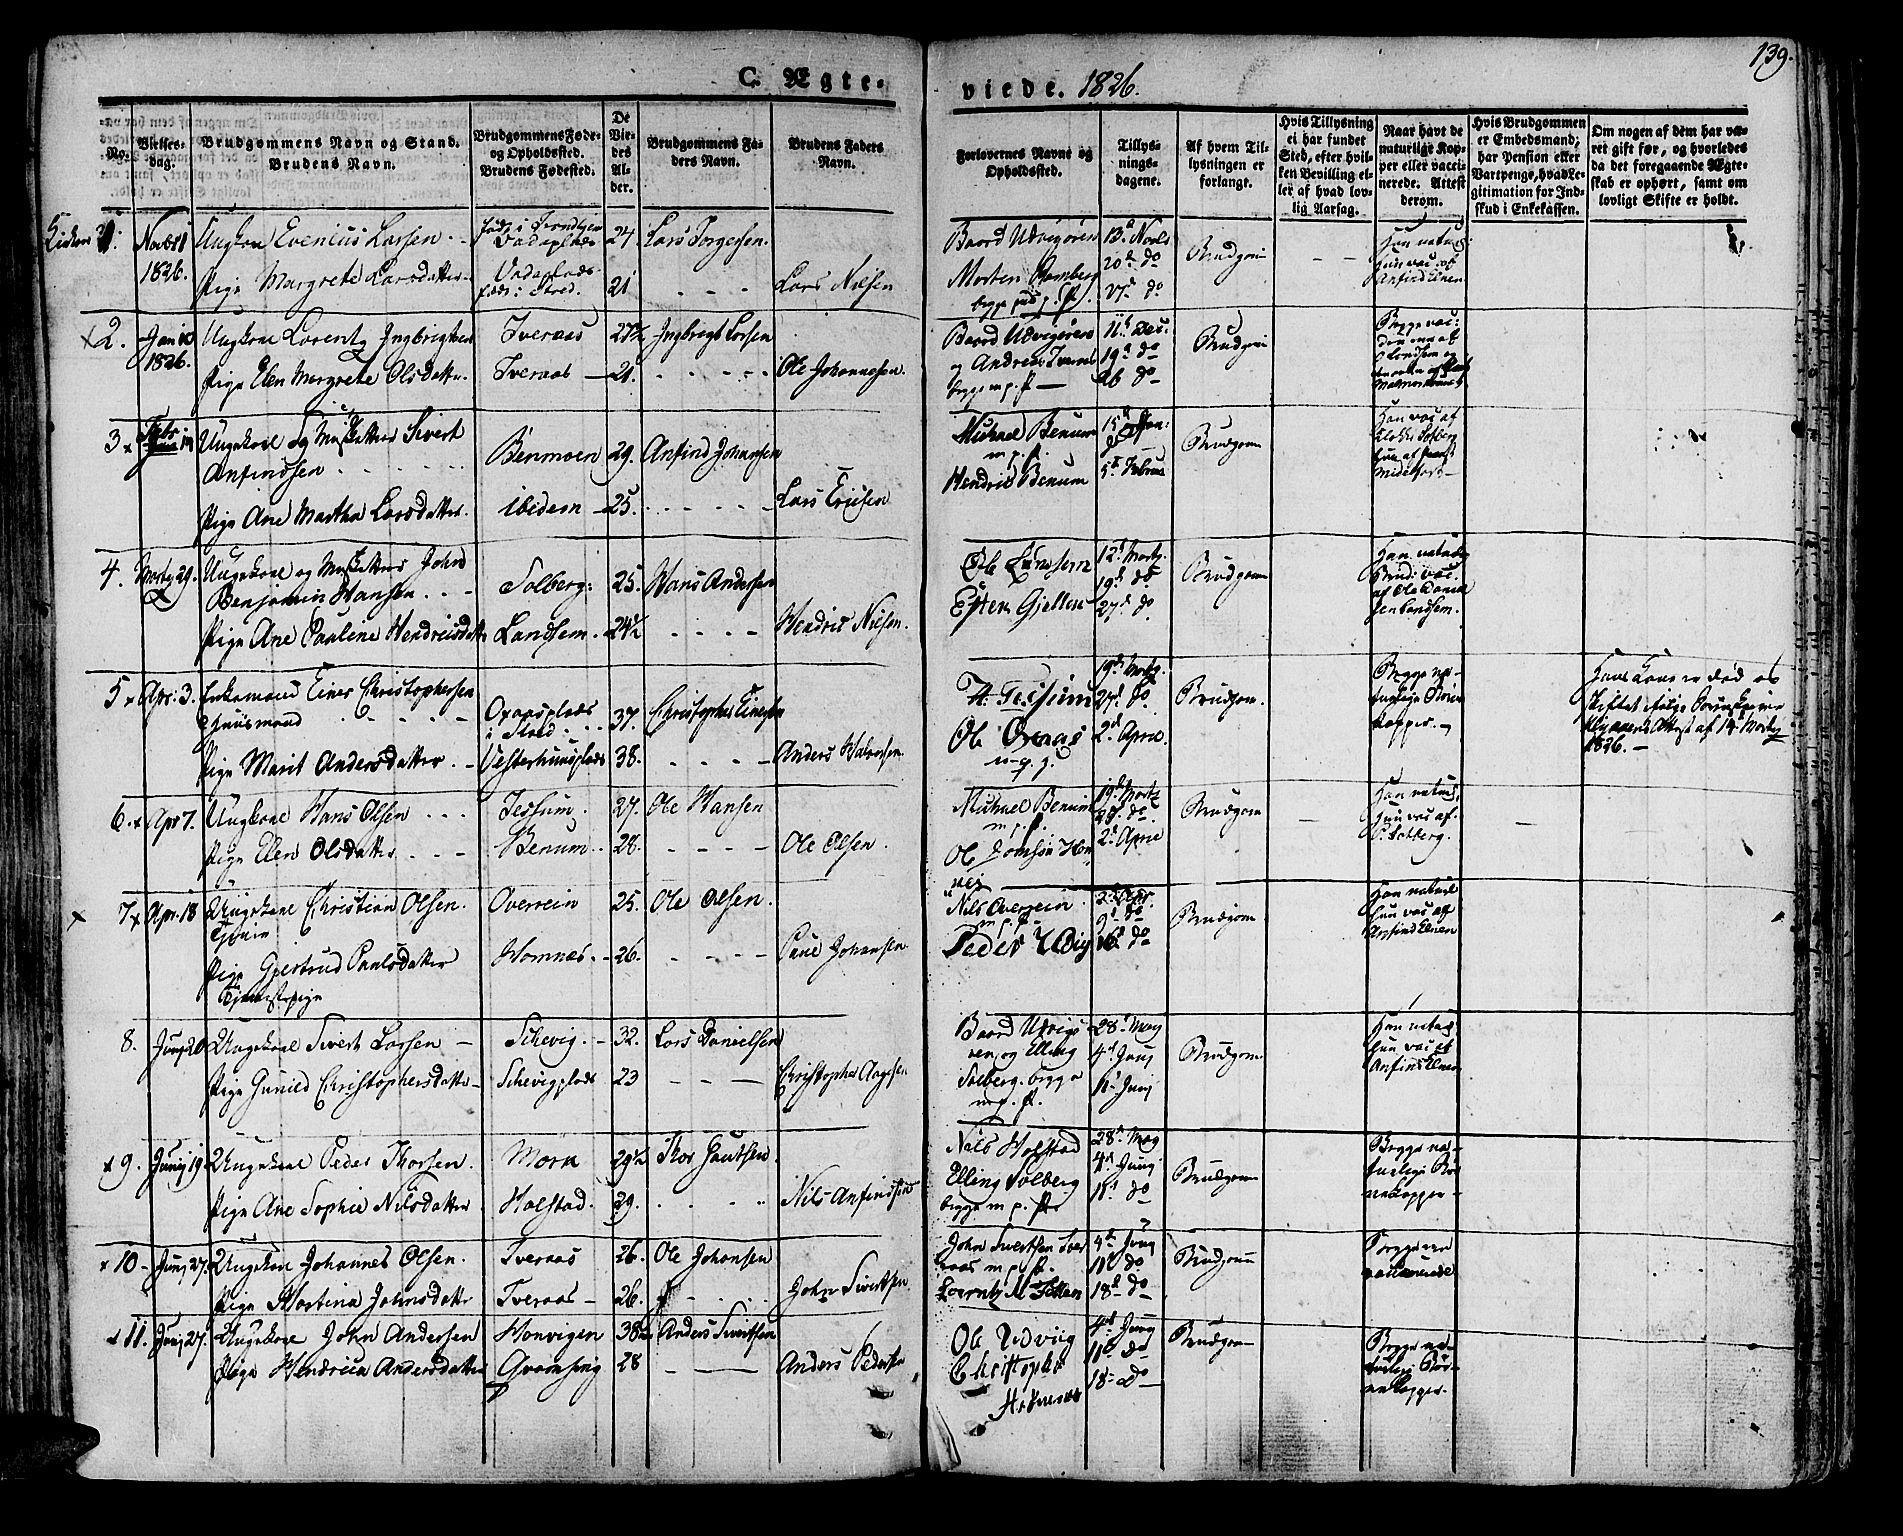 SAT, Ministerialprotokoller, klokkerbøker og fødselsregistre - Nord-Trøndelag, 741/L0390: Ministerialbok nr. 741A04, 1822-1836, s. 139